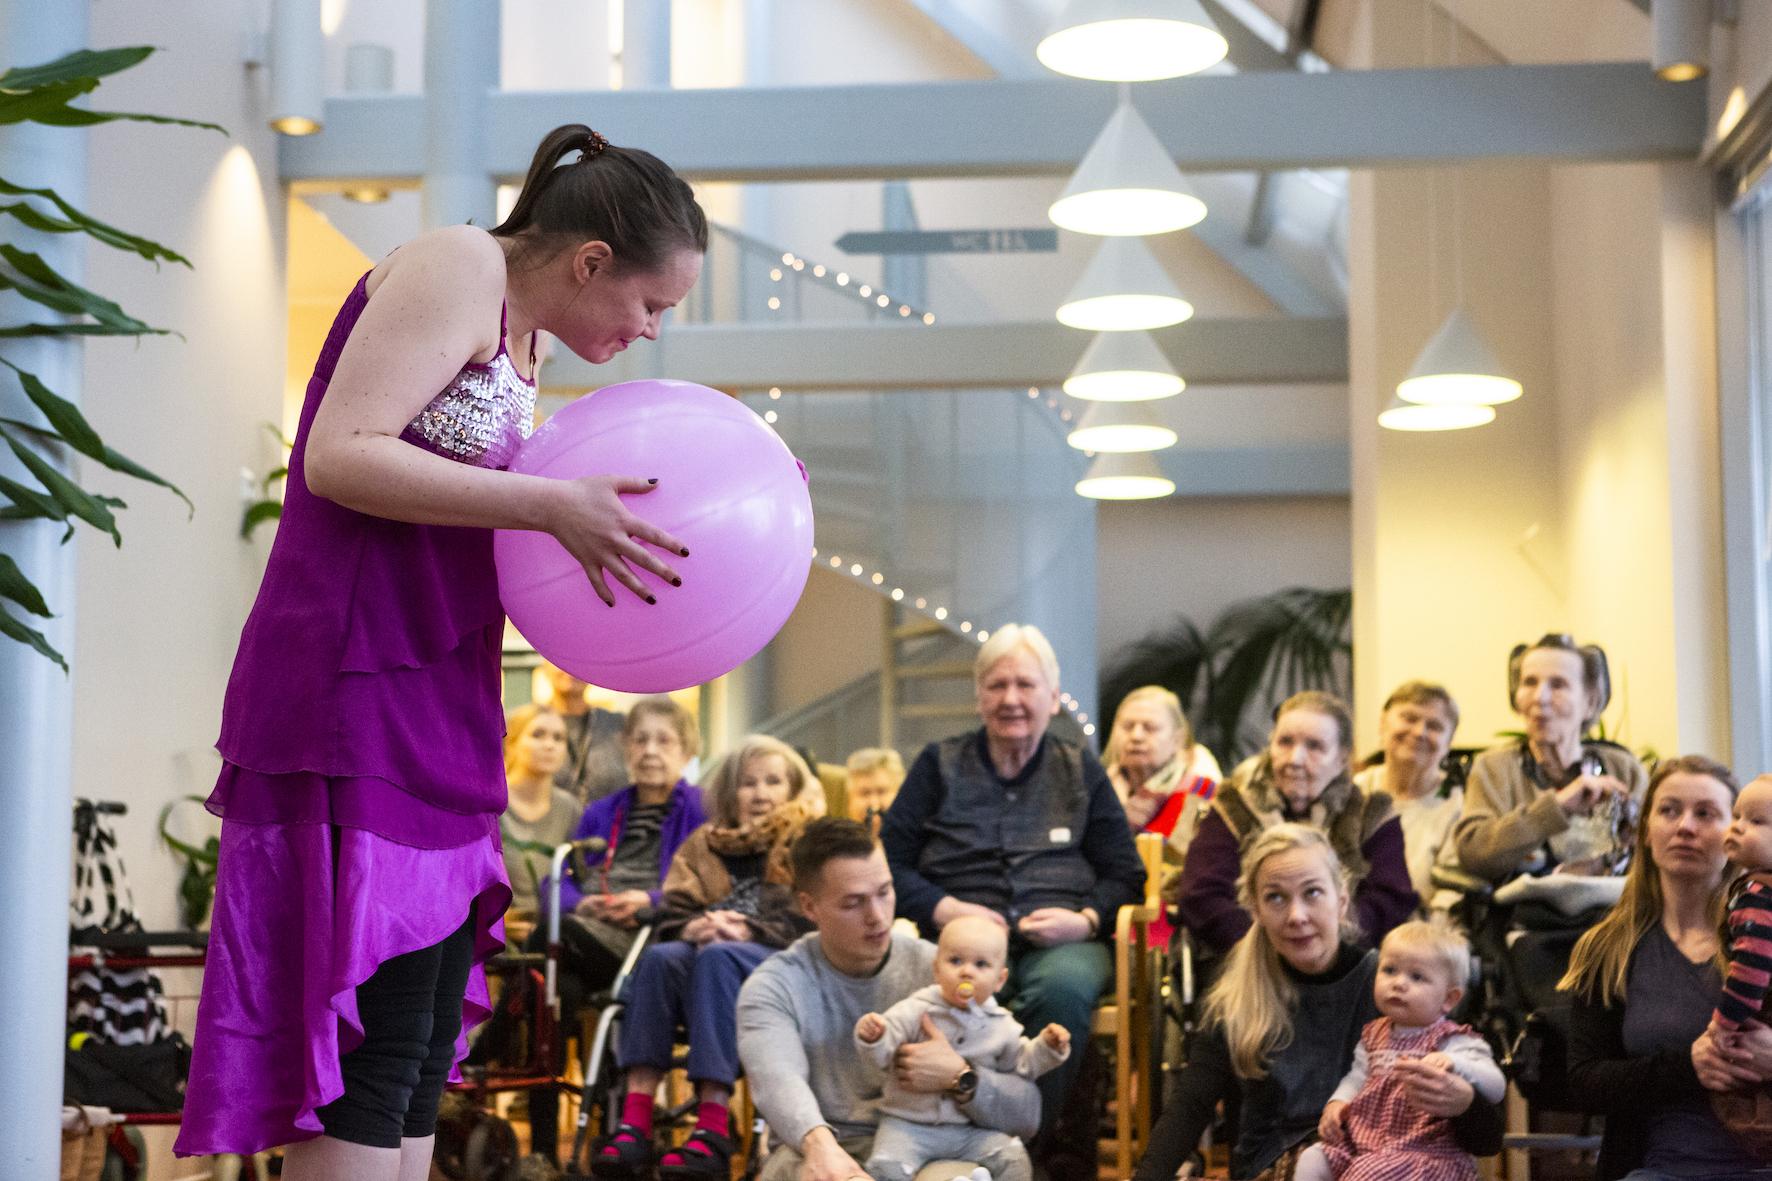 Vauvojen ja vanhusten yhteinen taide-elämys tuo merkittävän kokemuksen kaikille osallistujille